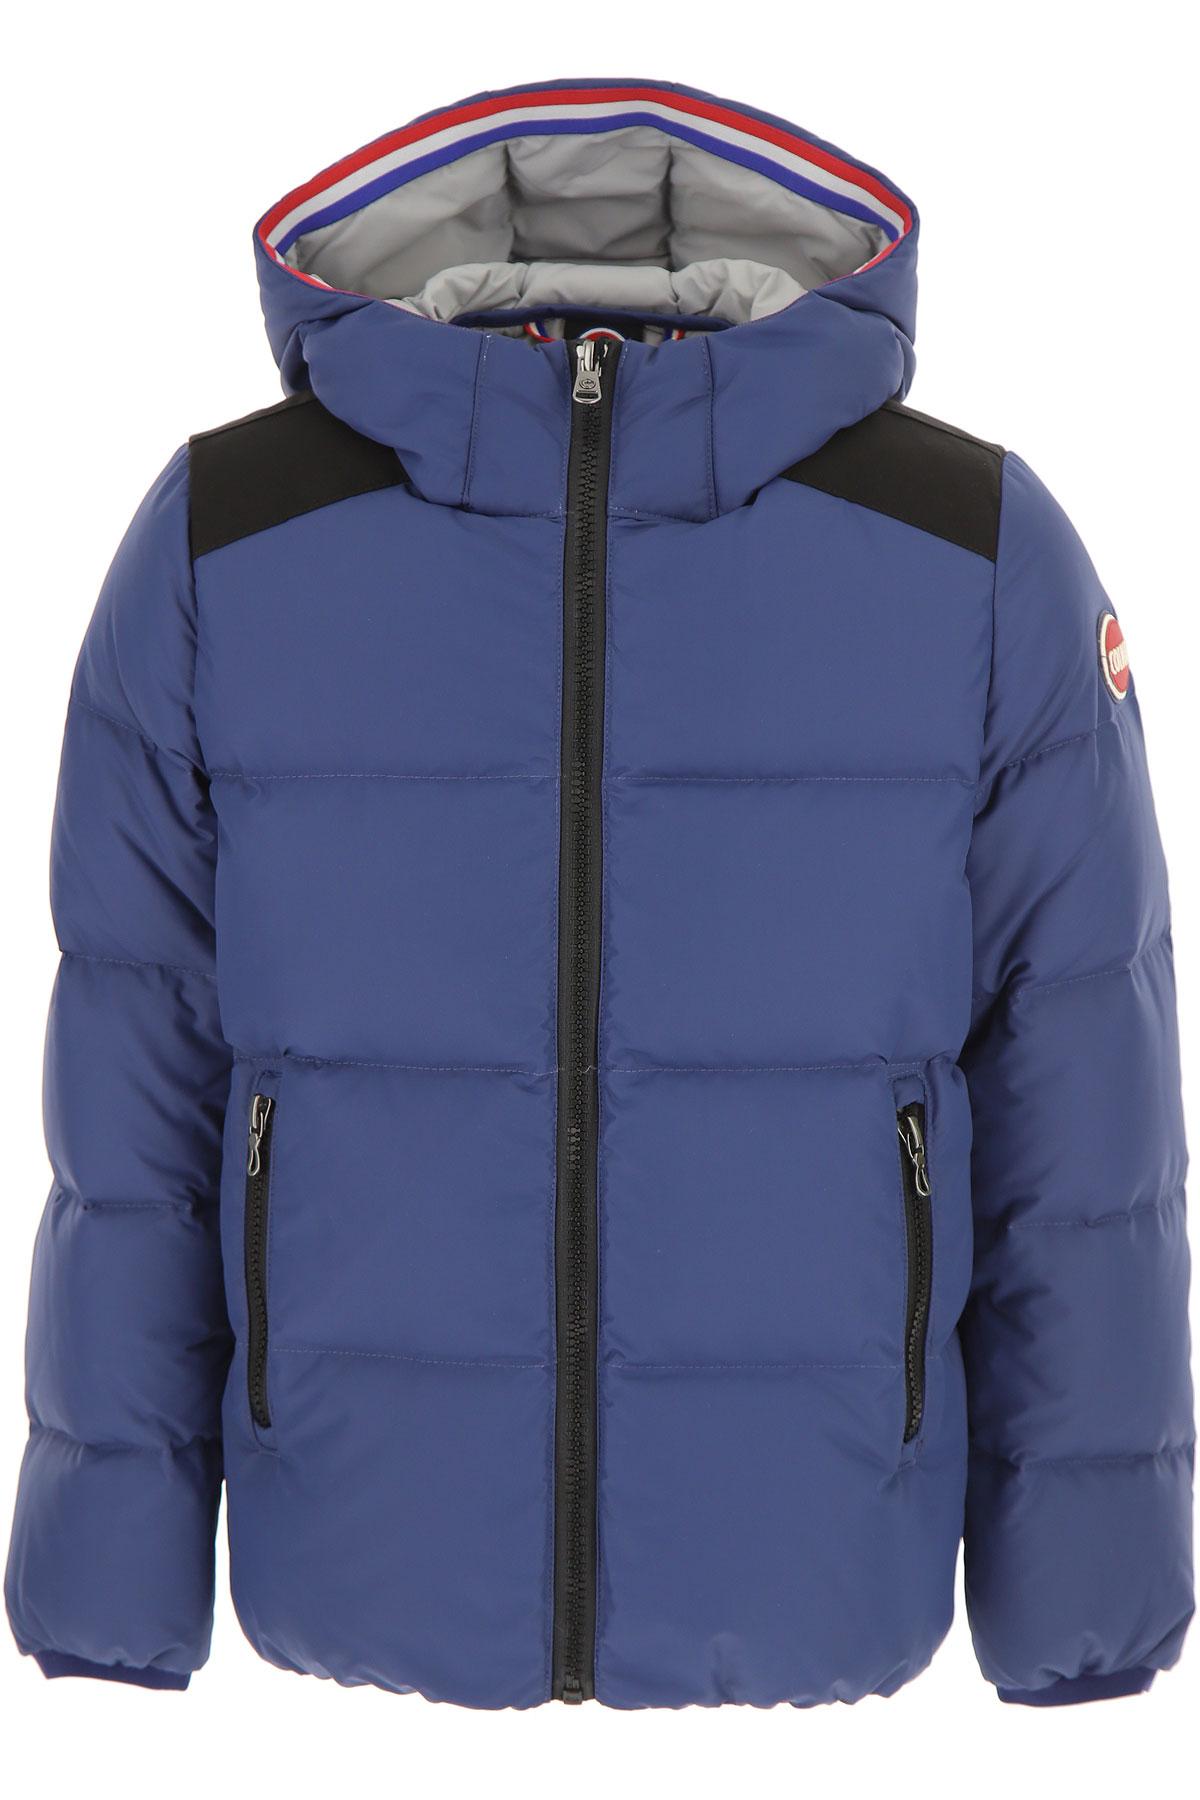 Image of Colmar Boys Down Jacket for Kids, Puffer Ski Jacket, Blue, polyamide, 2017, 10Y 14Y 16Y 8Y